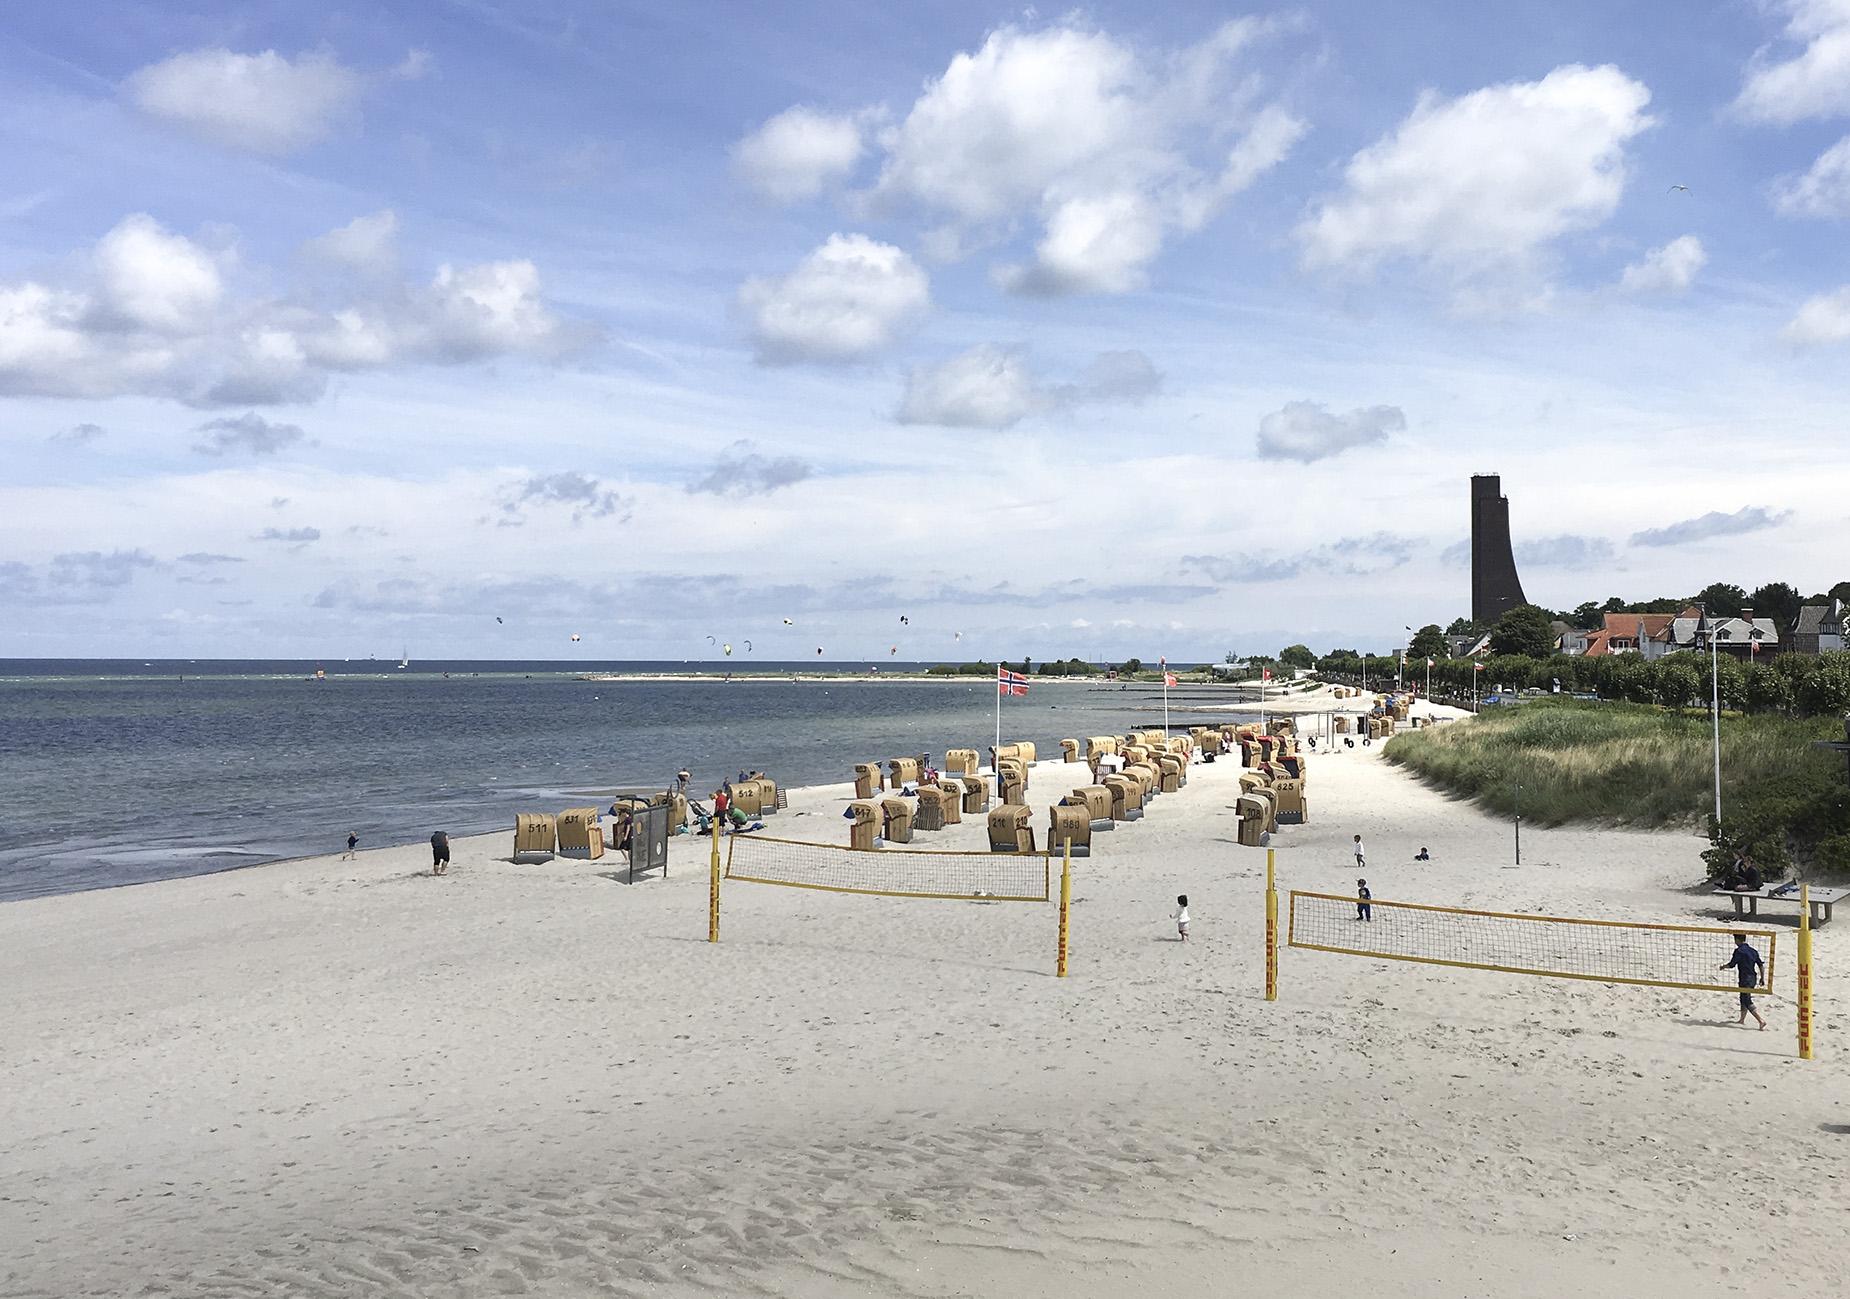 Strandbesuch: 7 Dinge, die du in Laboe machen solltest